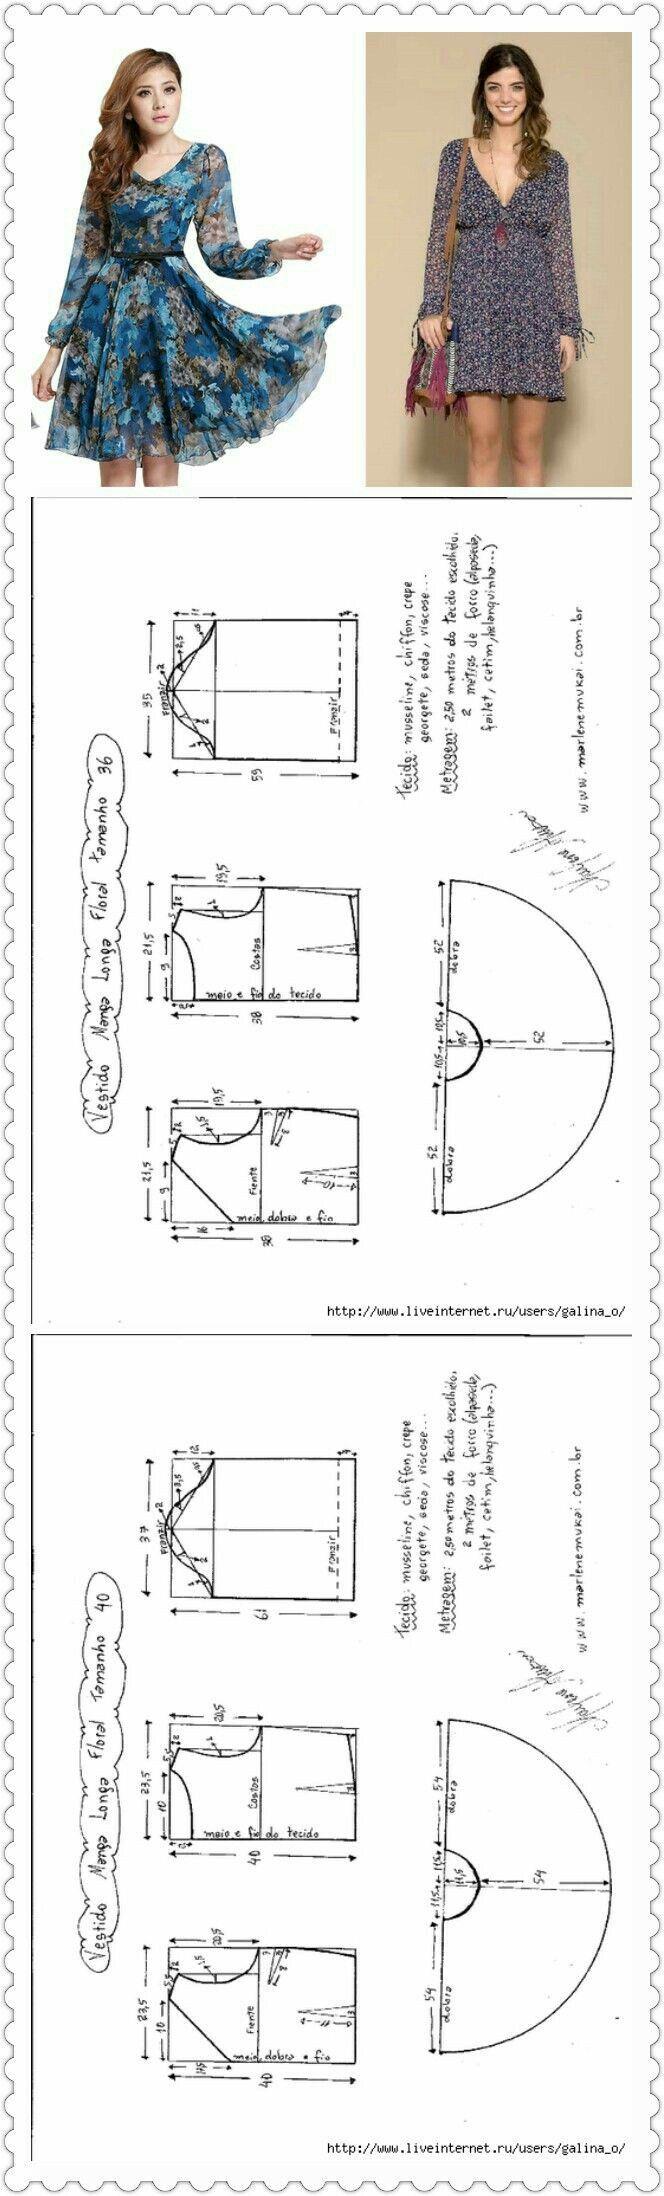 Pin von Rosemary Hickerson auf sewing | Pinterest | Nähen, Couture ...